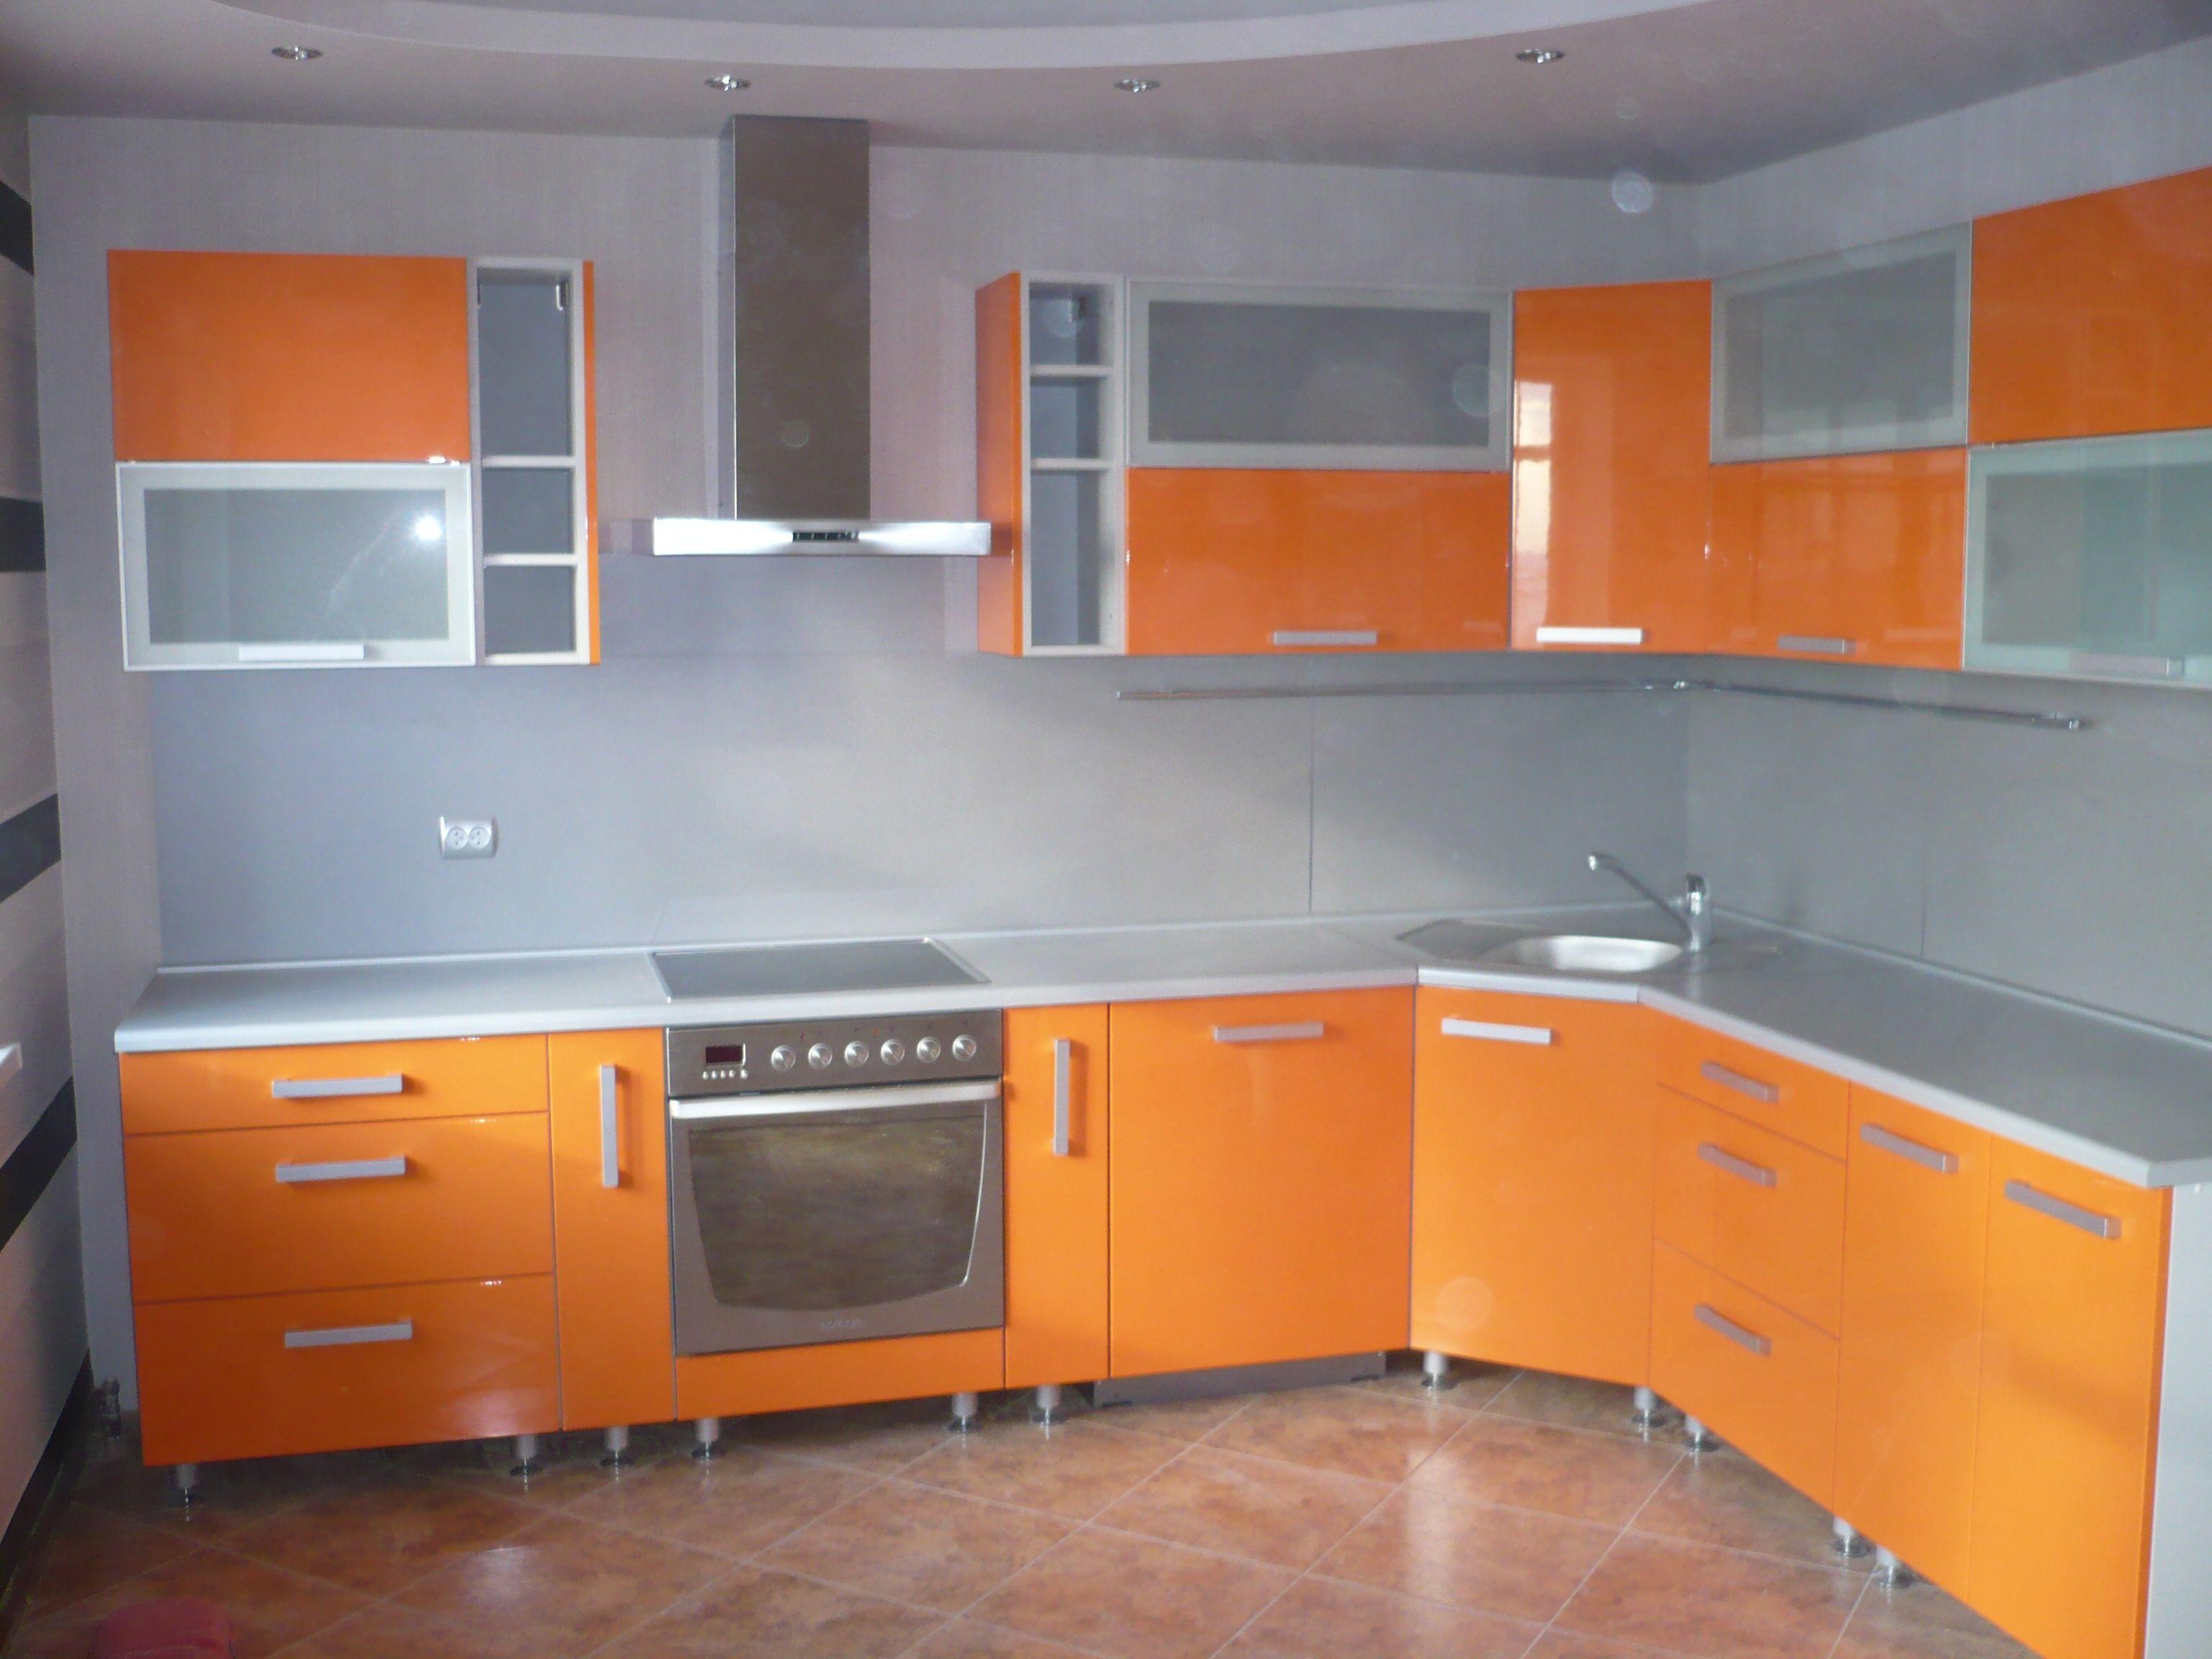 Dise o de cocinas cocinas naranjas madrid cocinas - Disenos cocinas modernas ...